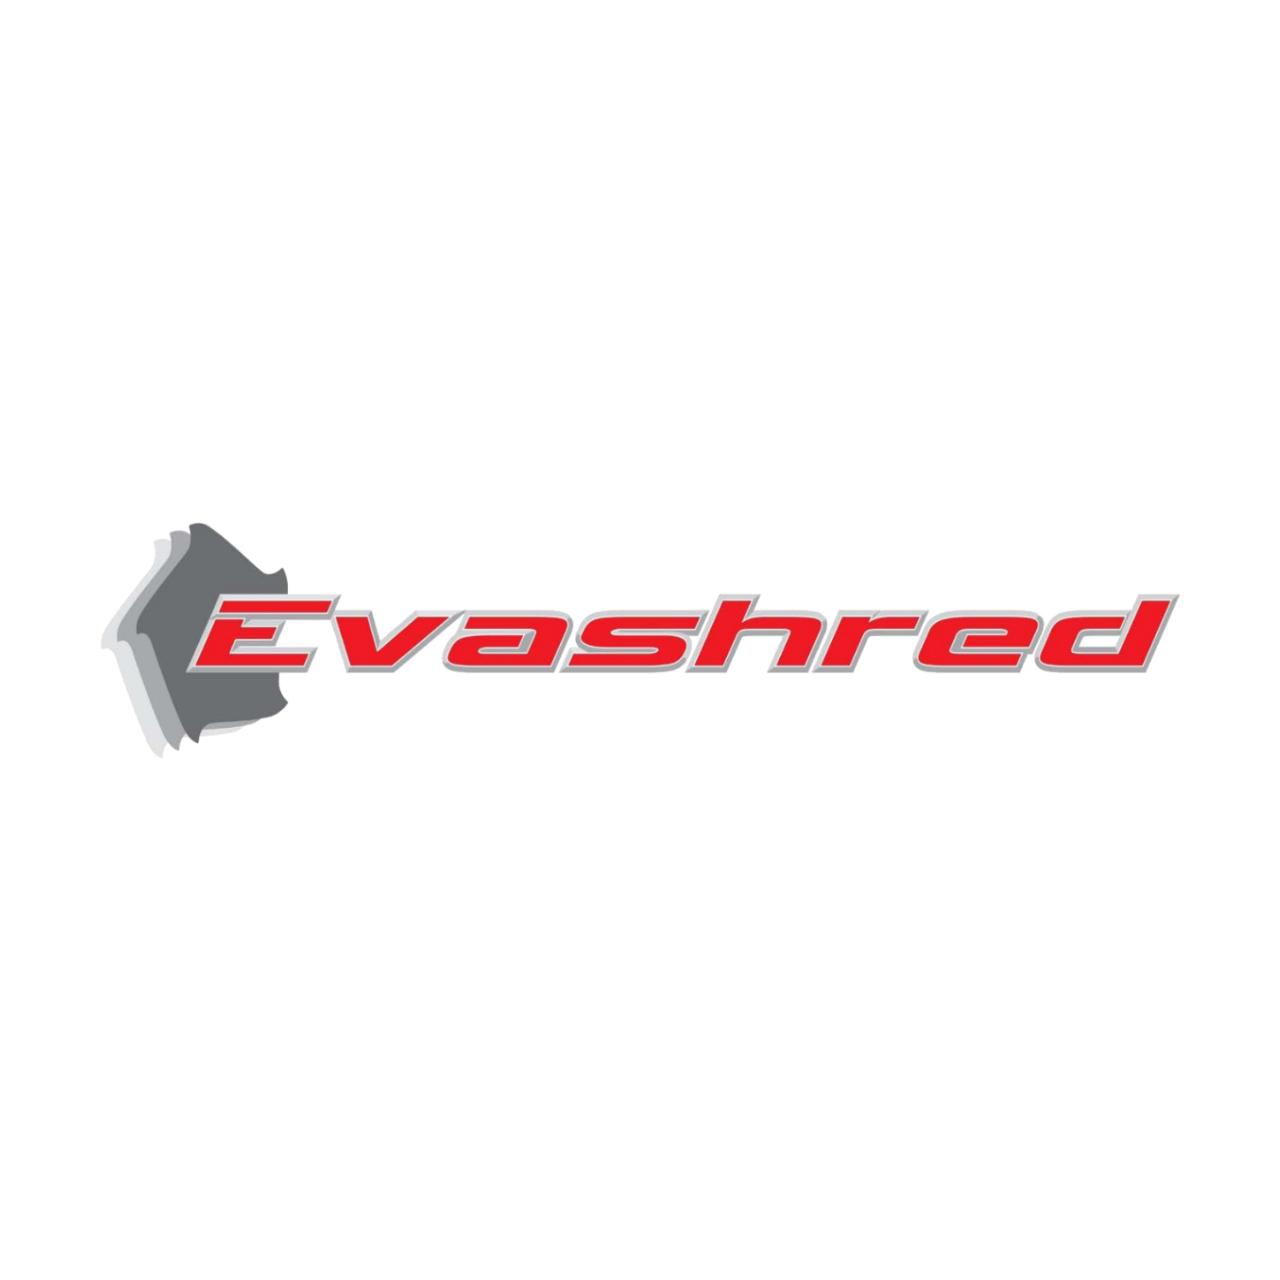 Evashred - 100% New Zealand!